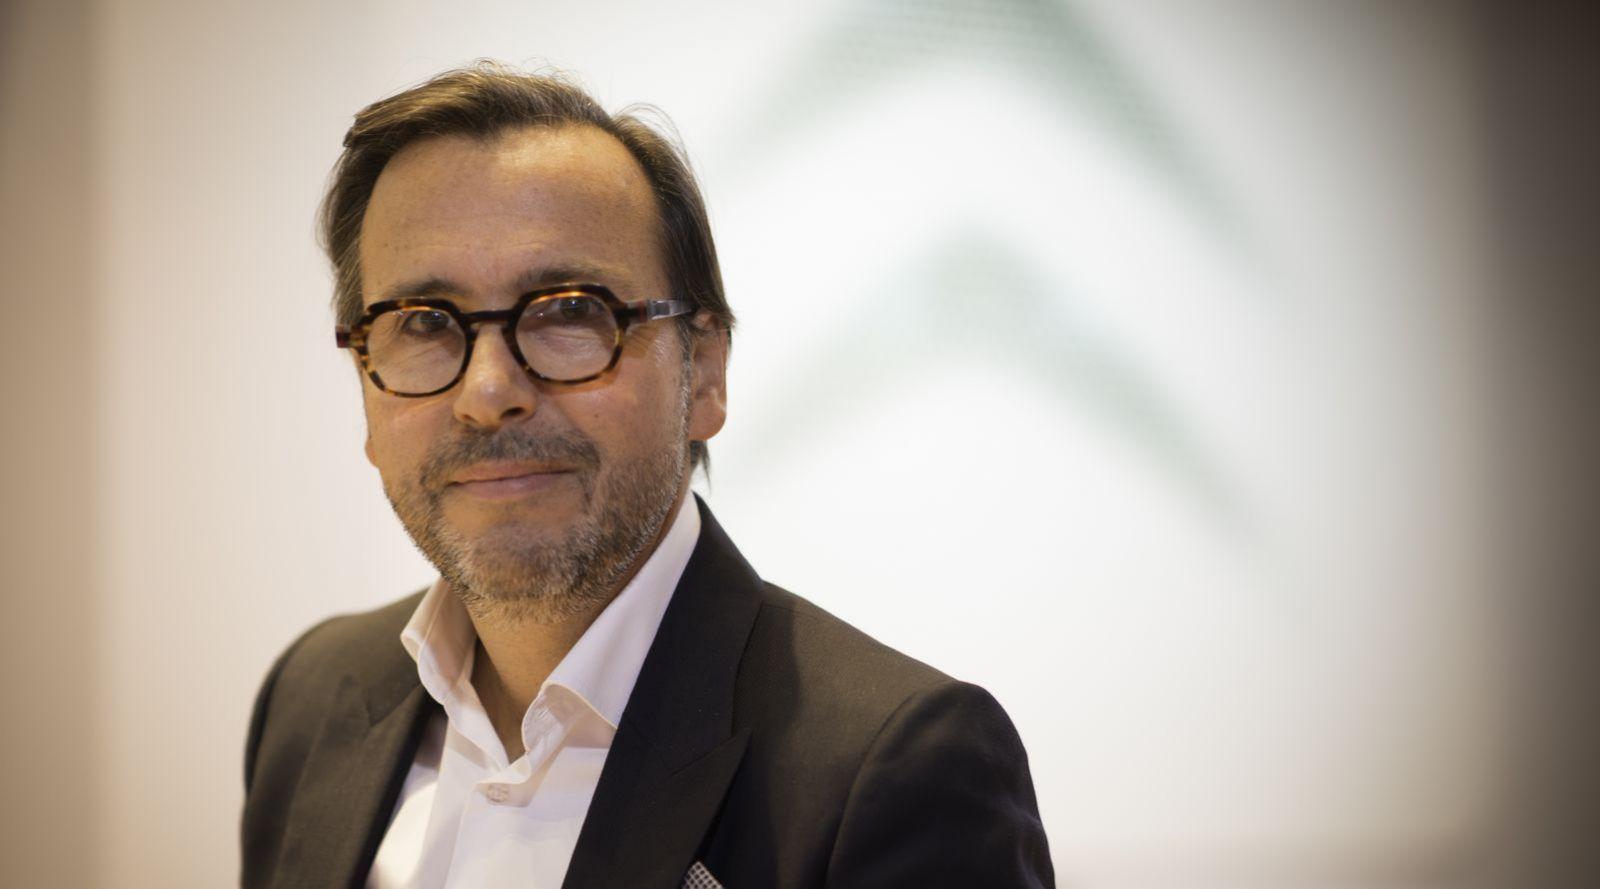 [Discussion] Citroën, quel est son avenir ? - Page 35 ARNAUD%20BELLONI%20%40DR%20Citroen%203225